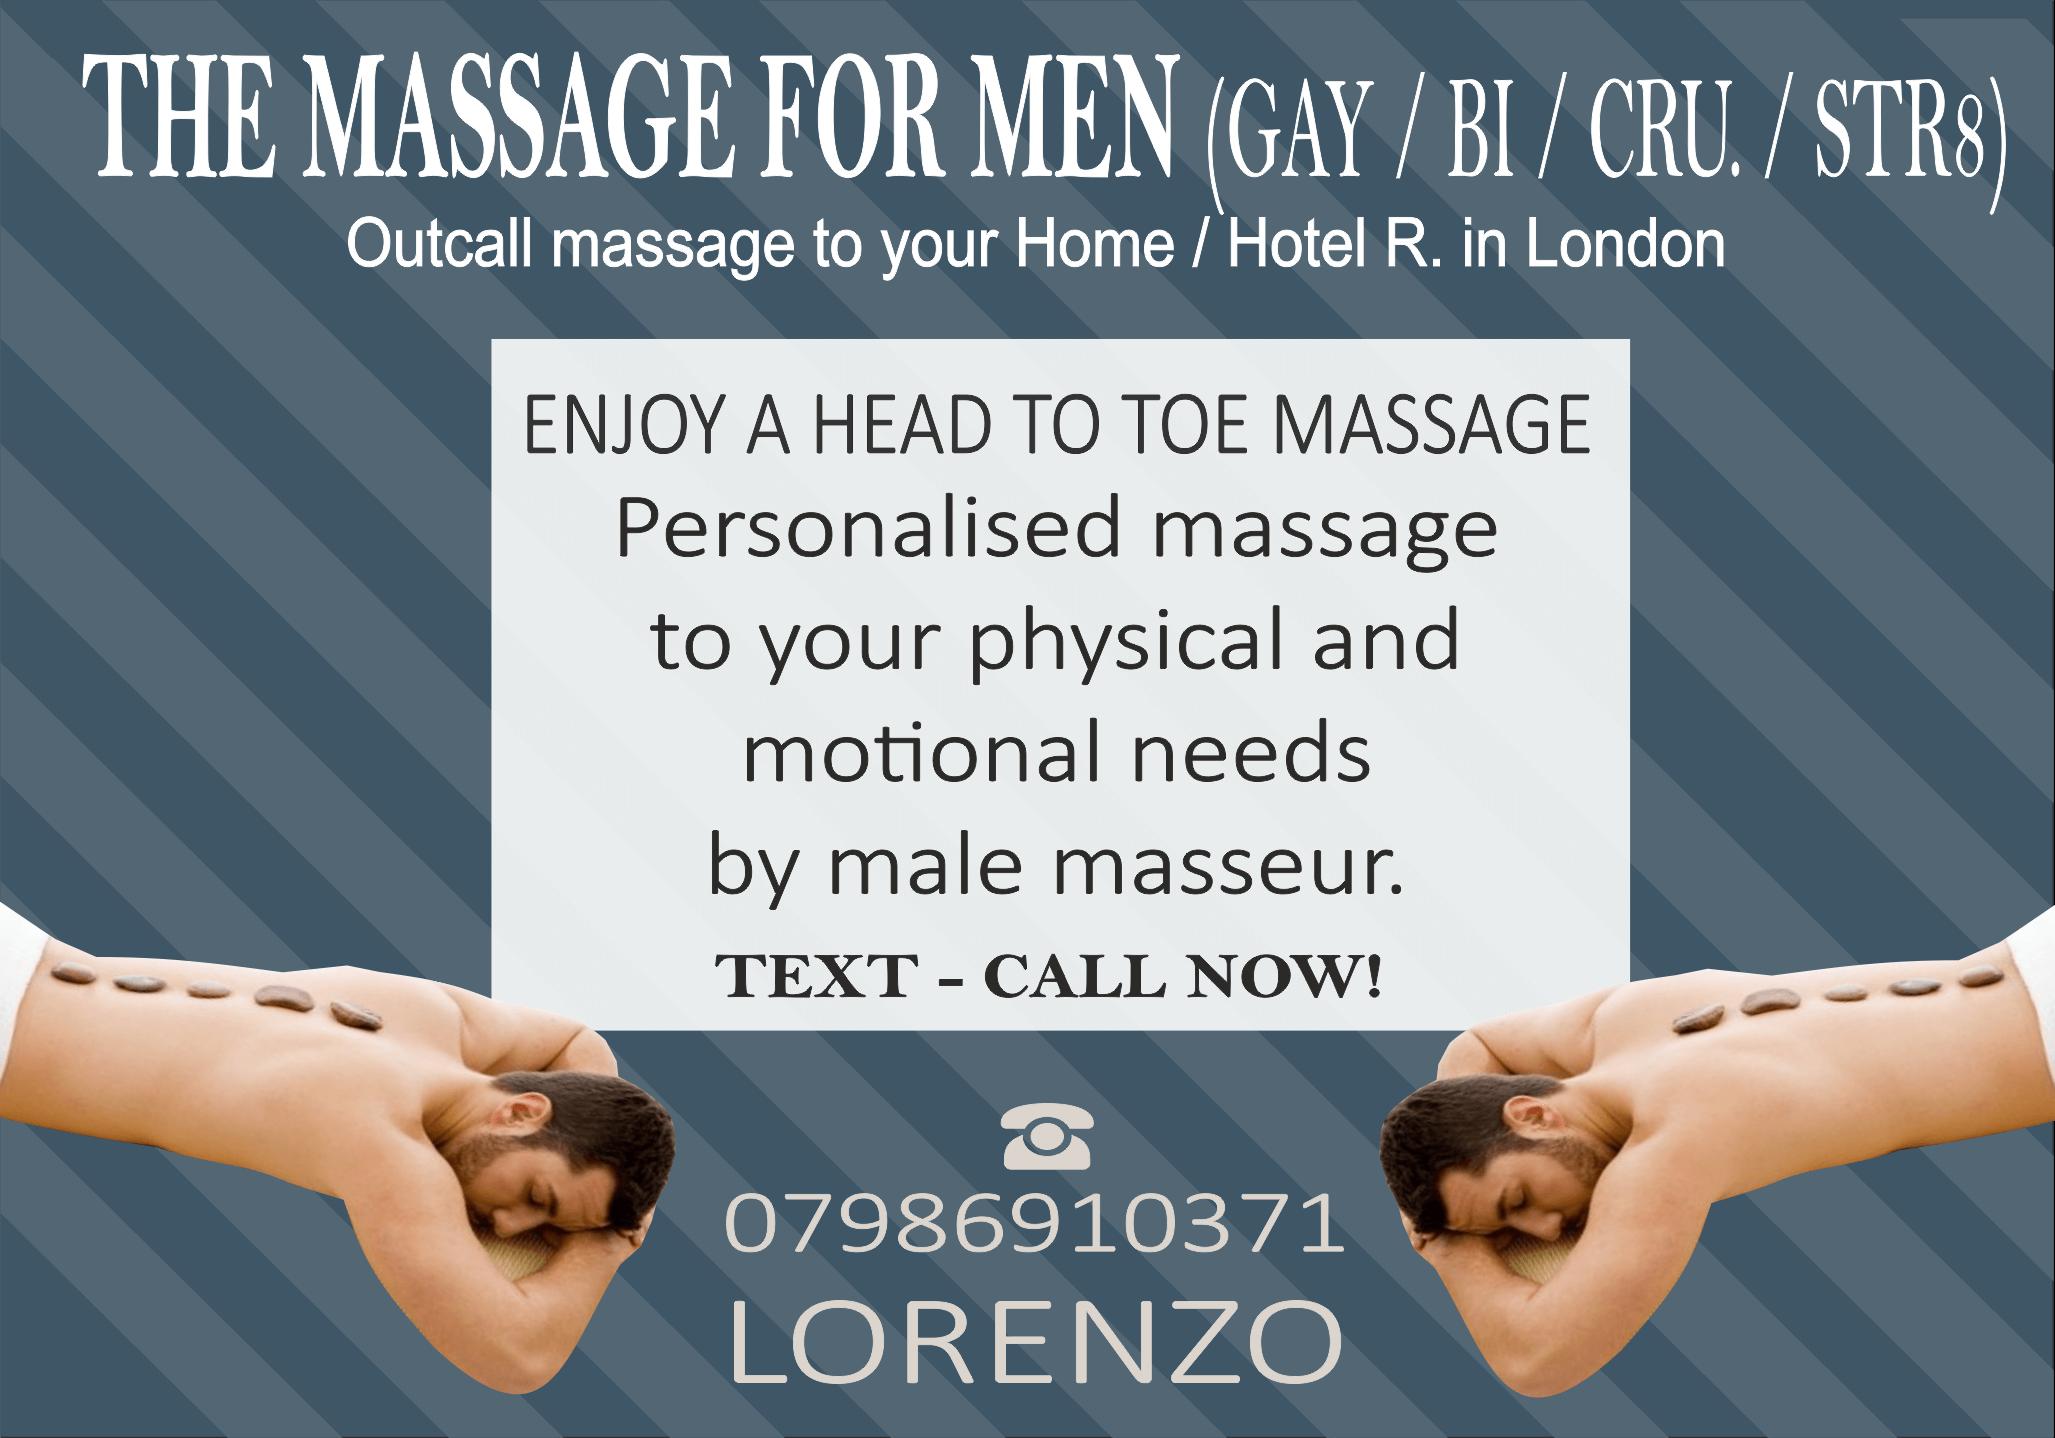 male massage london, gay massage london, hotel massage, home massage, body oil massage Lorenzo massuer(19)